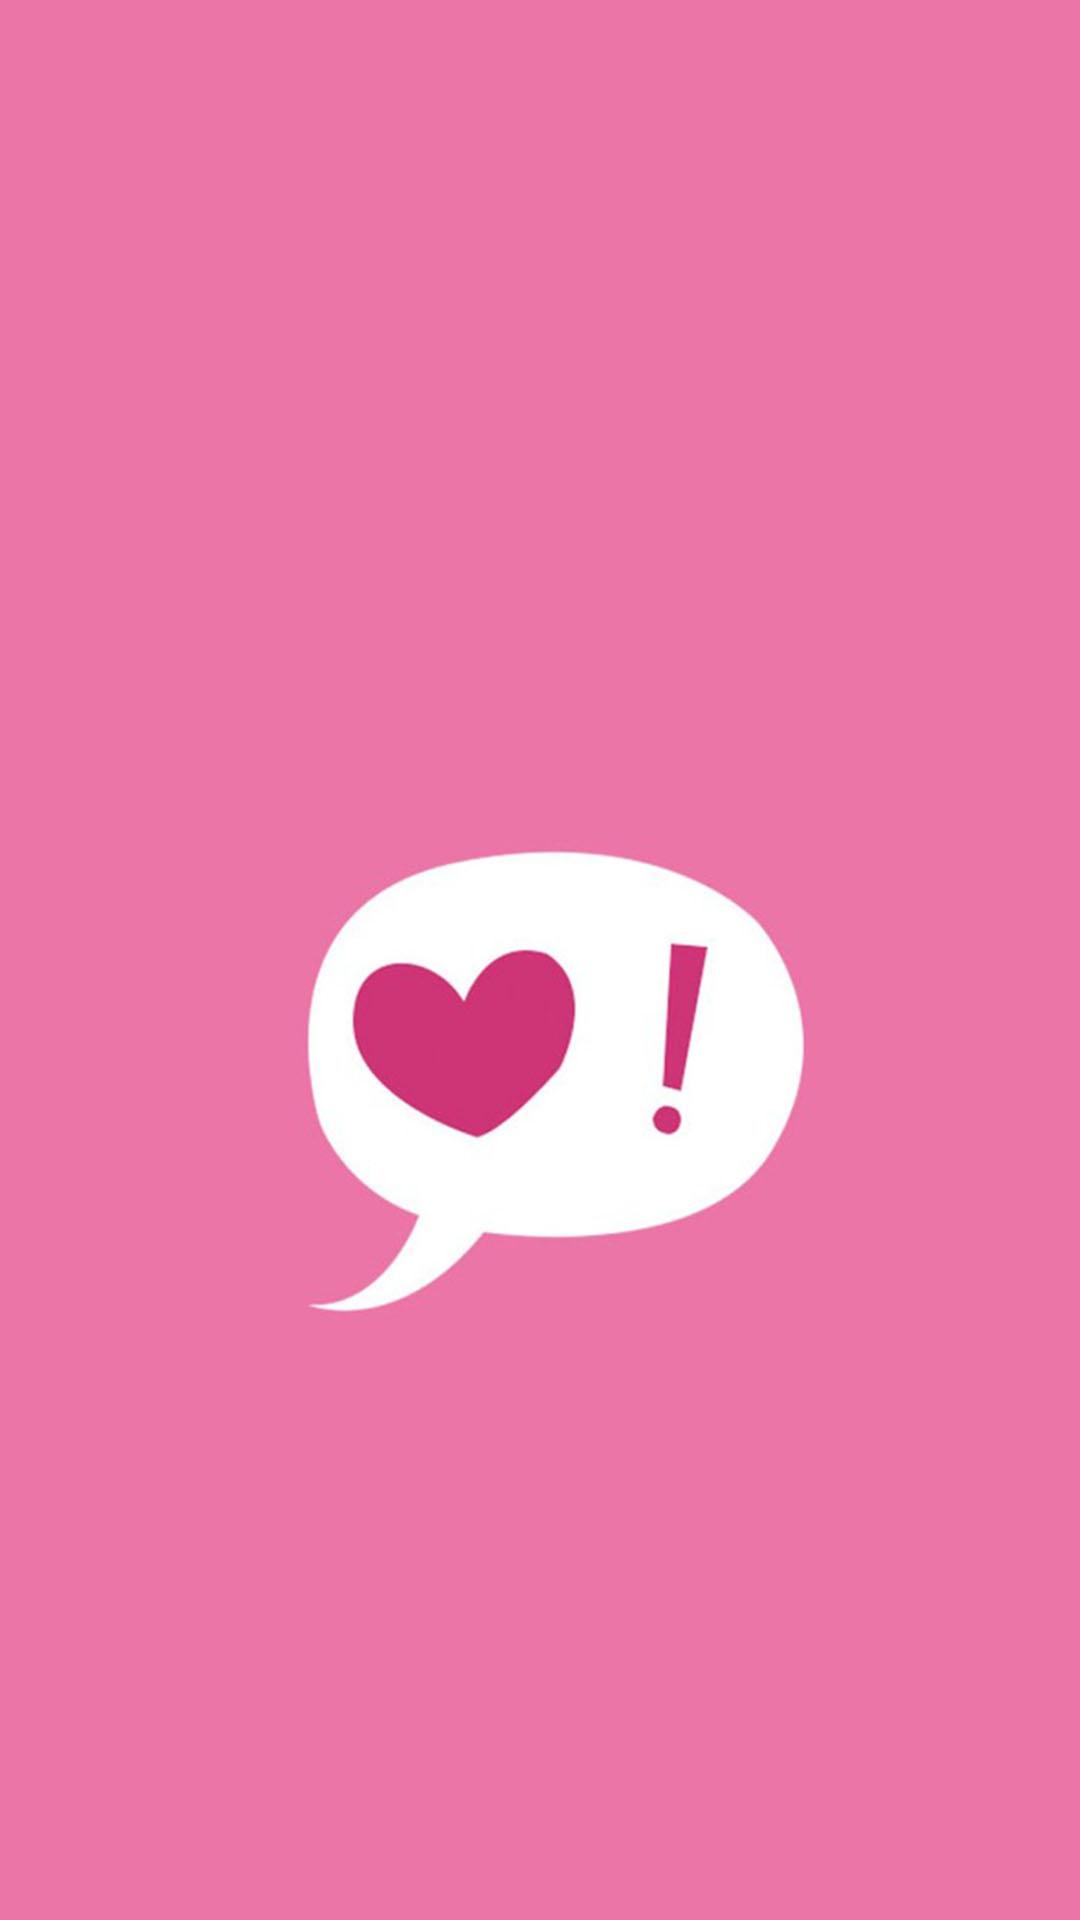 粉色背景 心 苹果手机高清壁纸 1080x1920_爱思助手